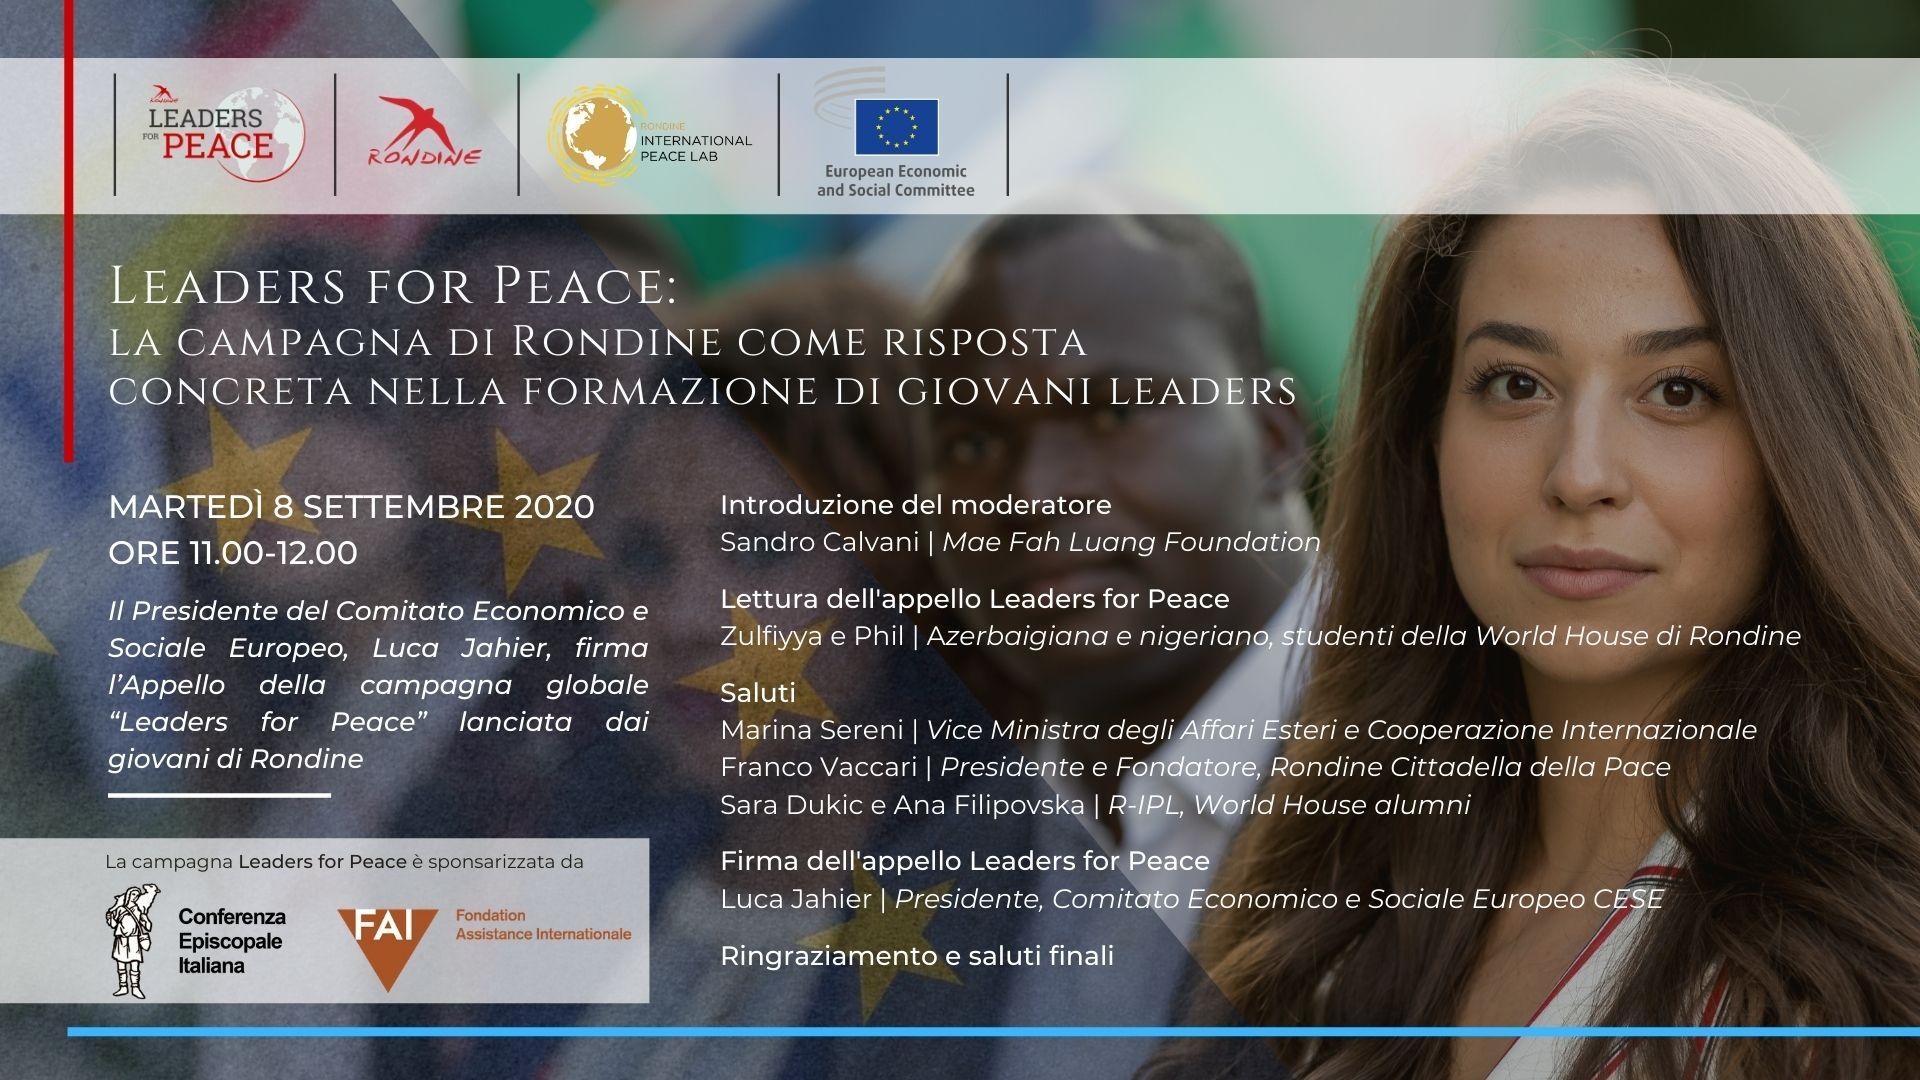 Leaders for Peace. Arriva il sostegno di Luca Jahier, presidente del Comitato Economico e Sociale Europeo